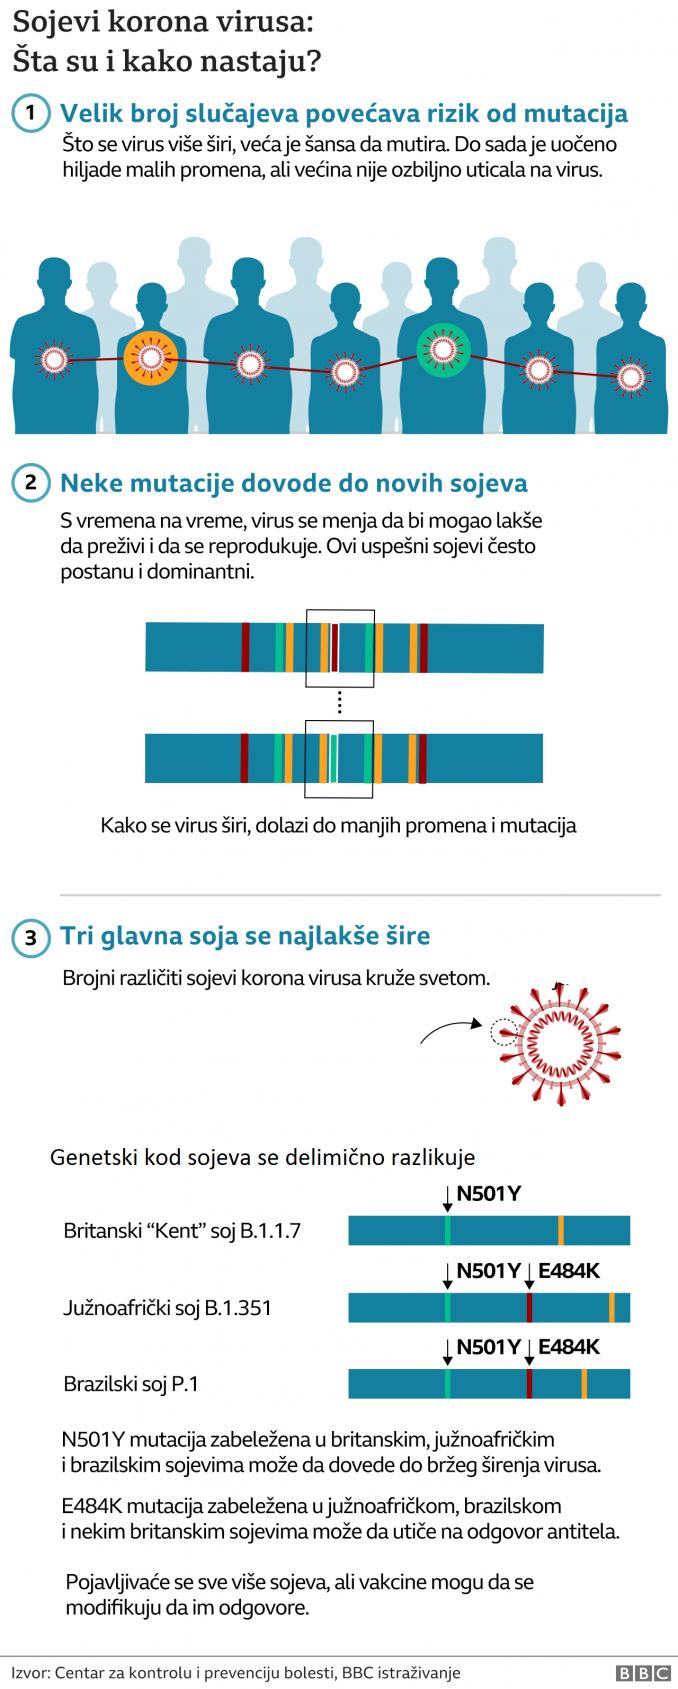 """Korona virus: Povratak bolnica u Srbiji u kovid sistem, Bolsonarova poruka Brazilcima - """"Prestanite da kukate"""" 4"""